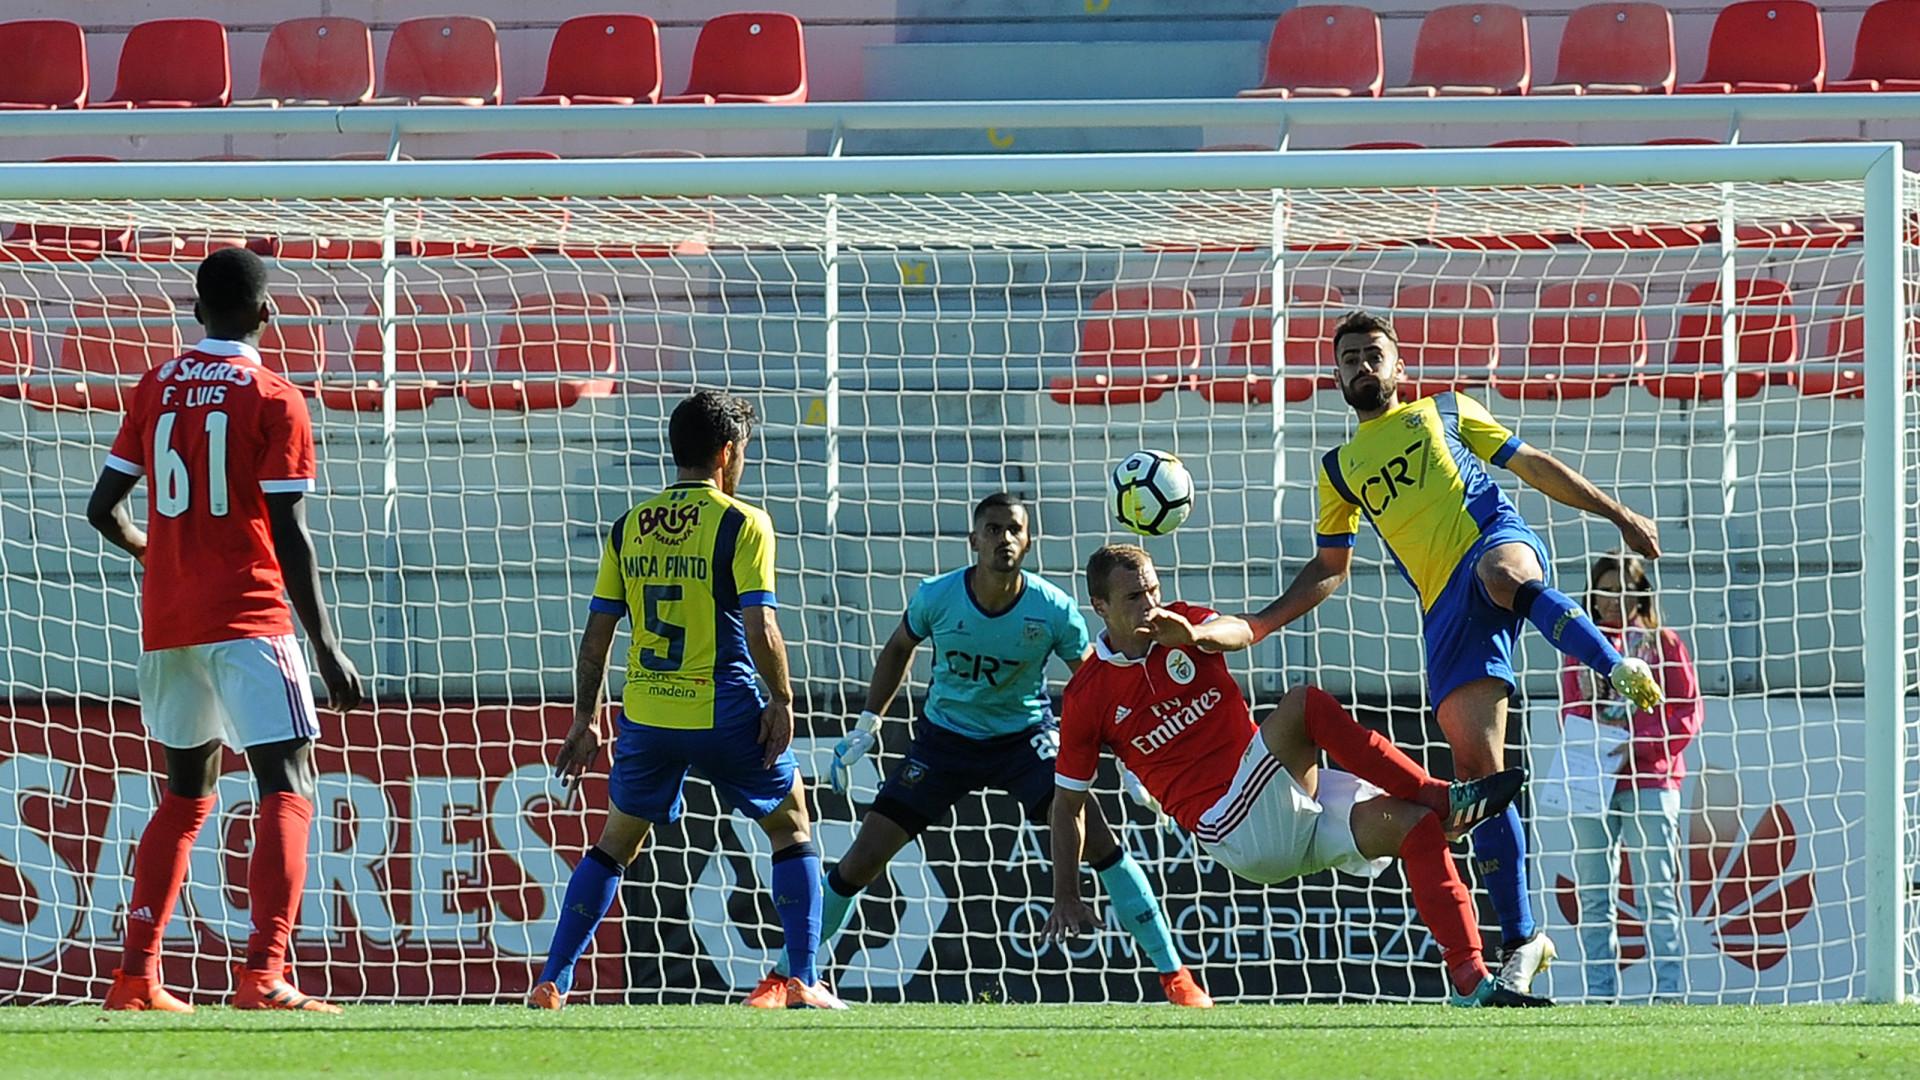 II Liga: Siga em direto os resultados e marcadores da 29.ª jornada